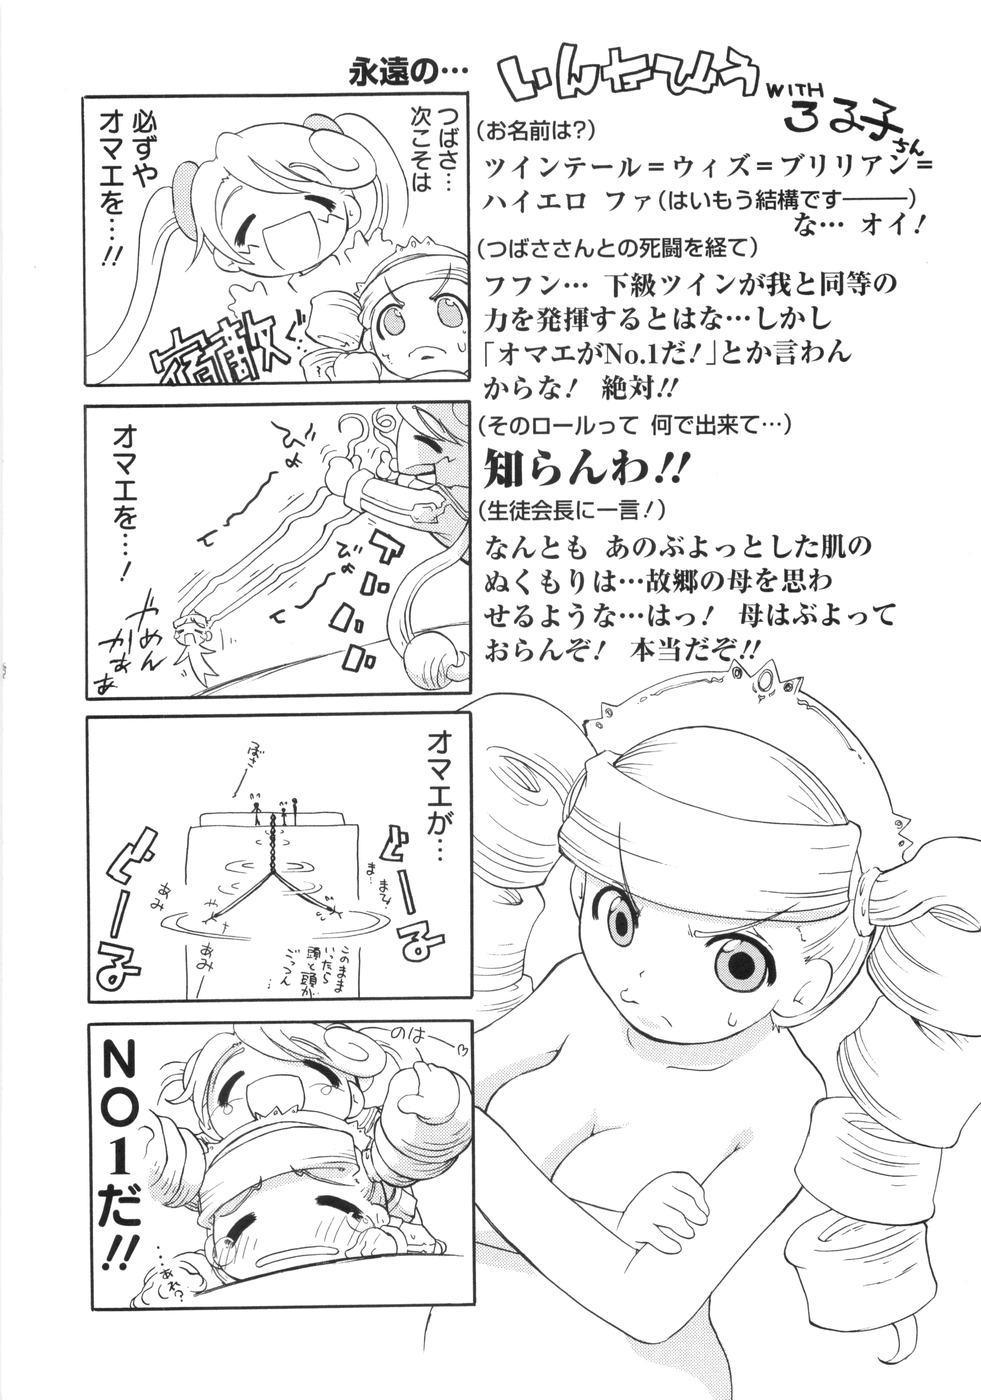 0 PULL TOWN Gakuen e Youkoso! 100